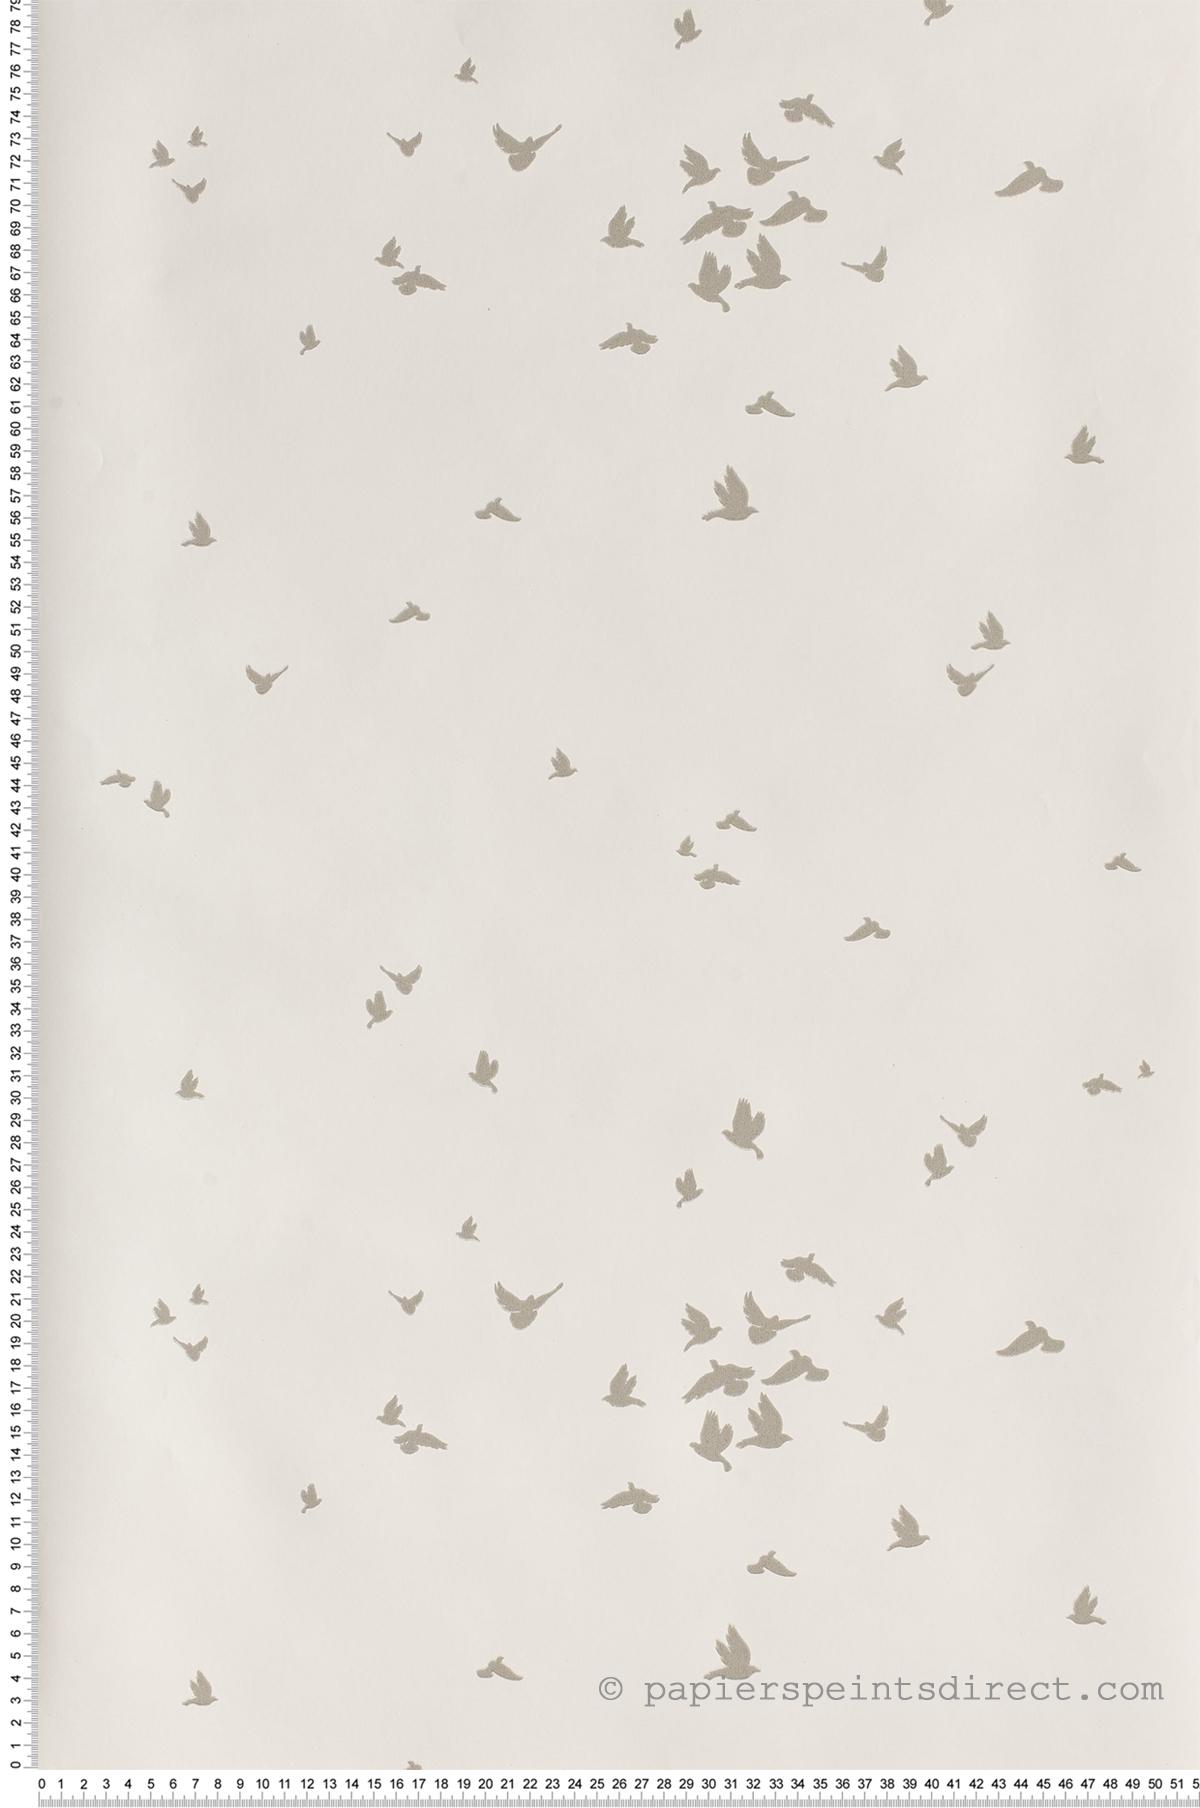 Envol d'oiseaux gris souris - Collection Dwell Studio de York by Initiales